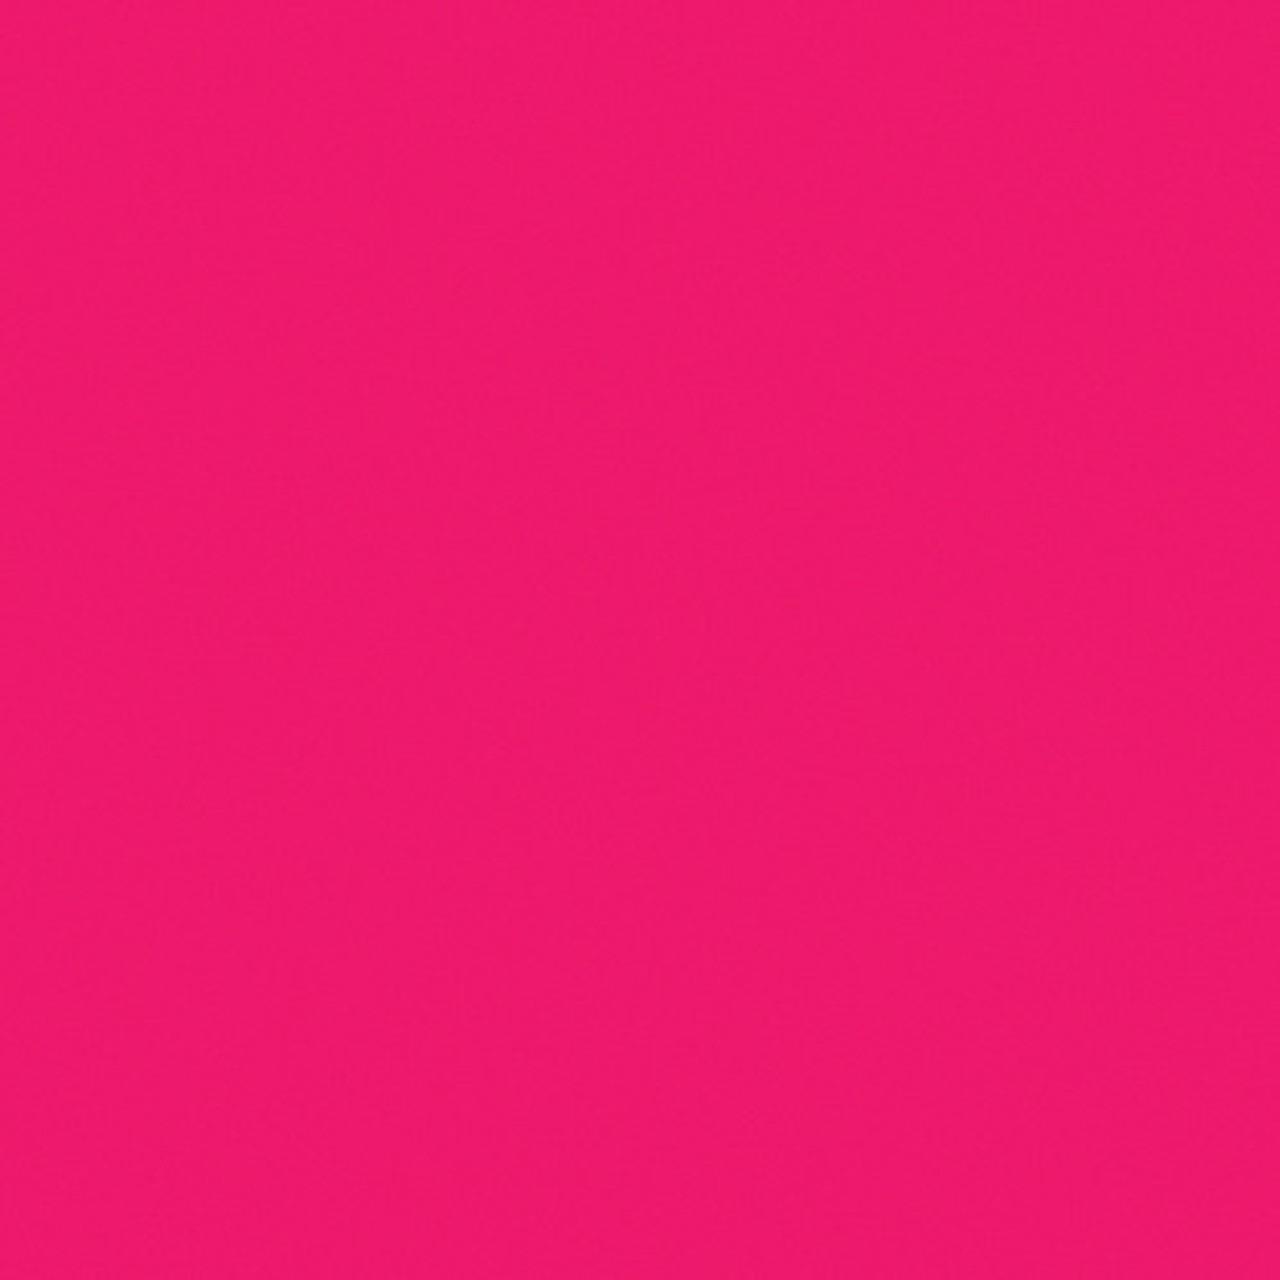 Lee Gels #CL128 Cool LED Bright Pink Filter